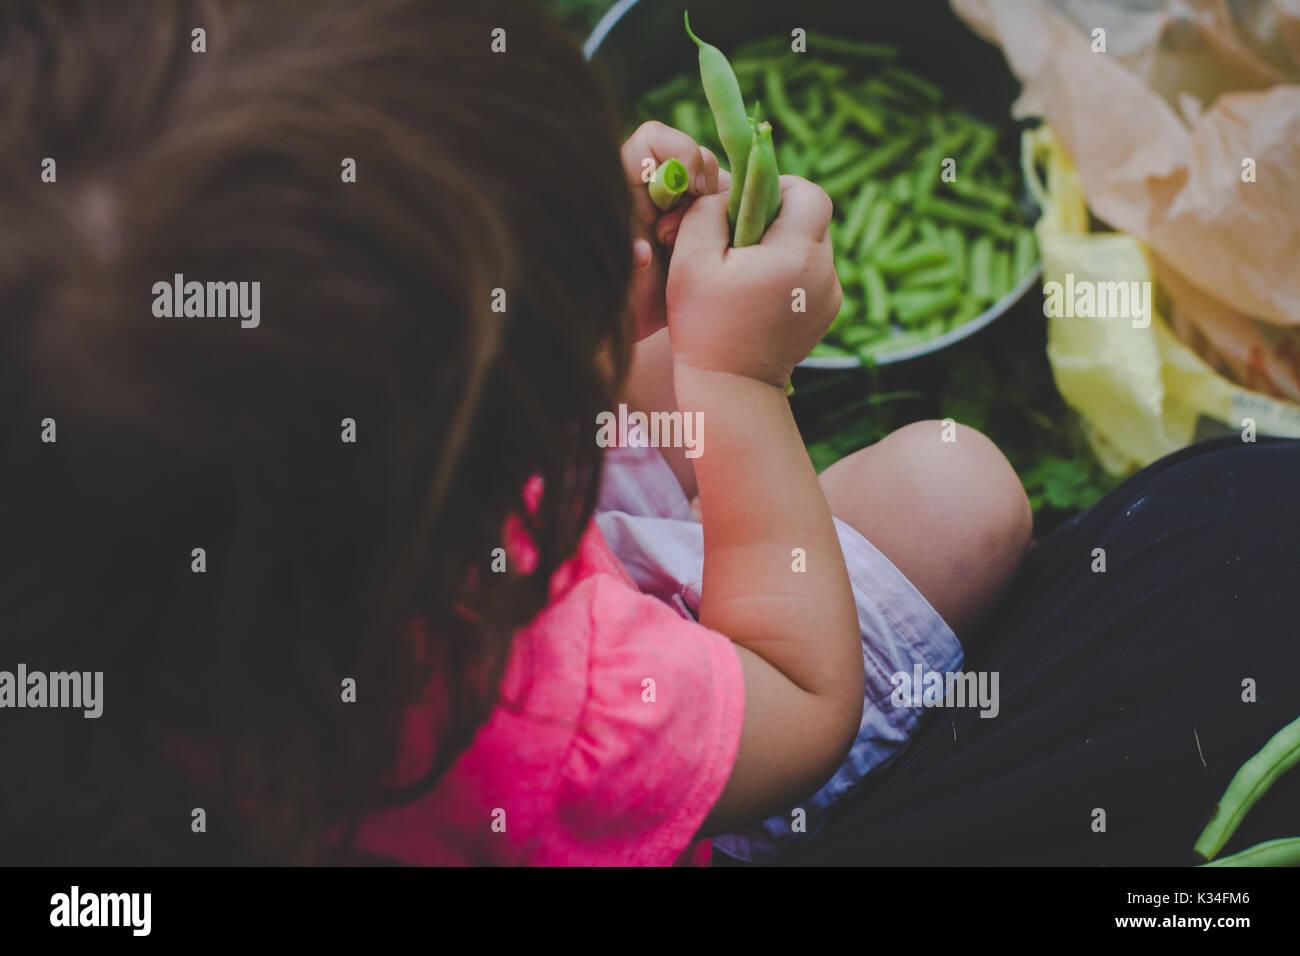 Jeune fille s'enclenche haricots verts frais. Photo Stock